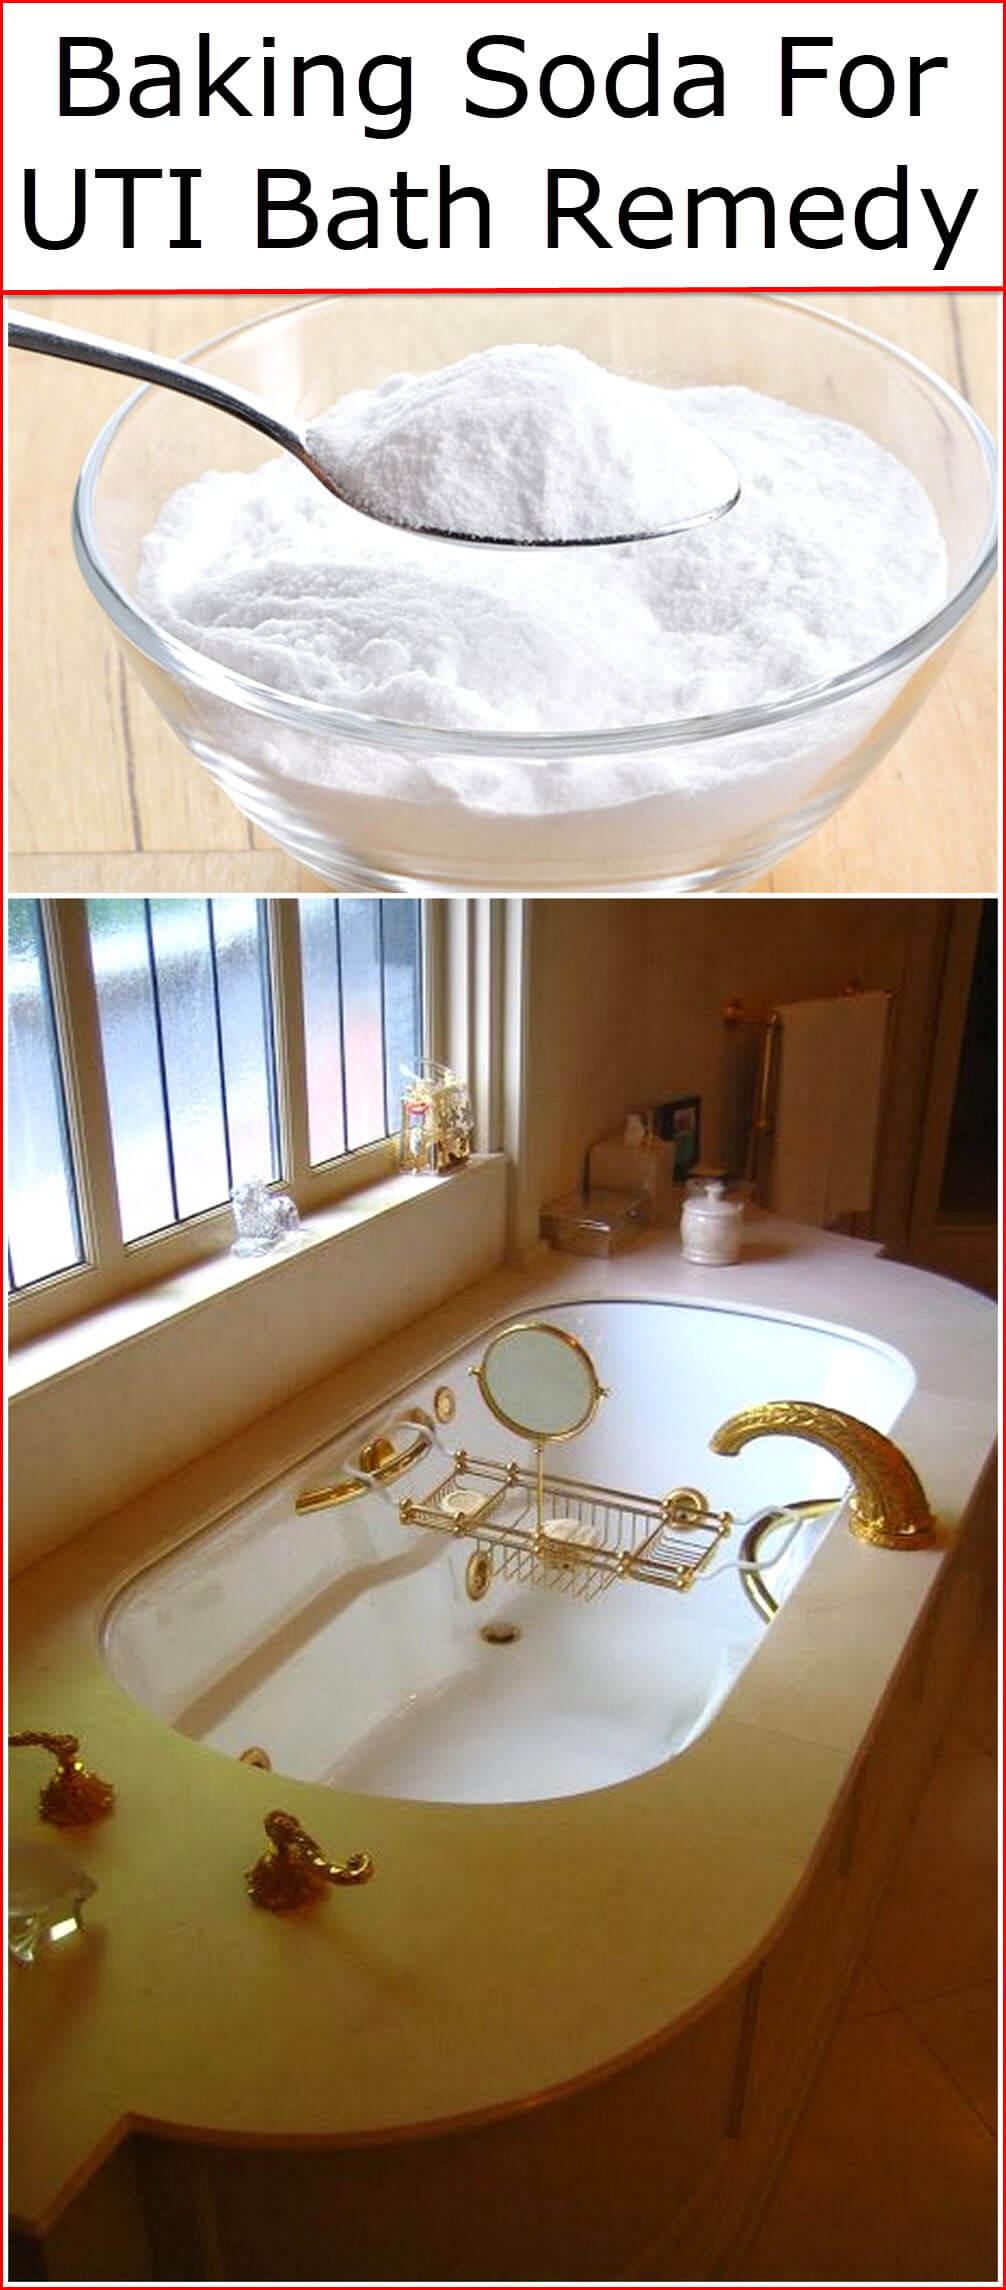 Baking Soda For UTI Bath Remedy